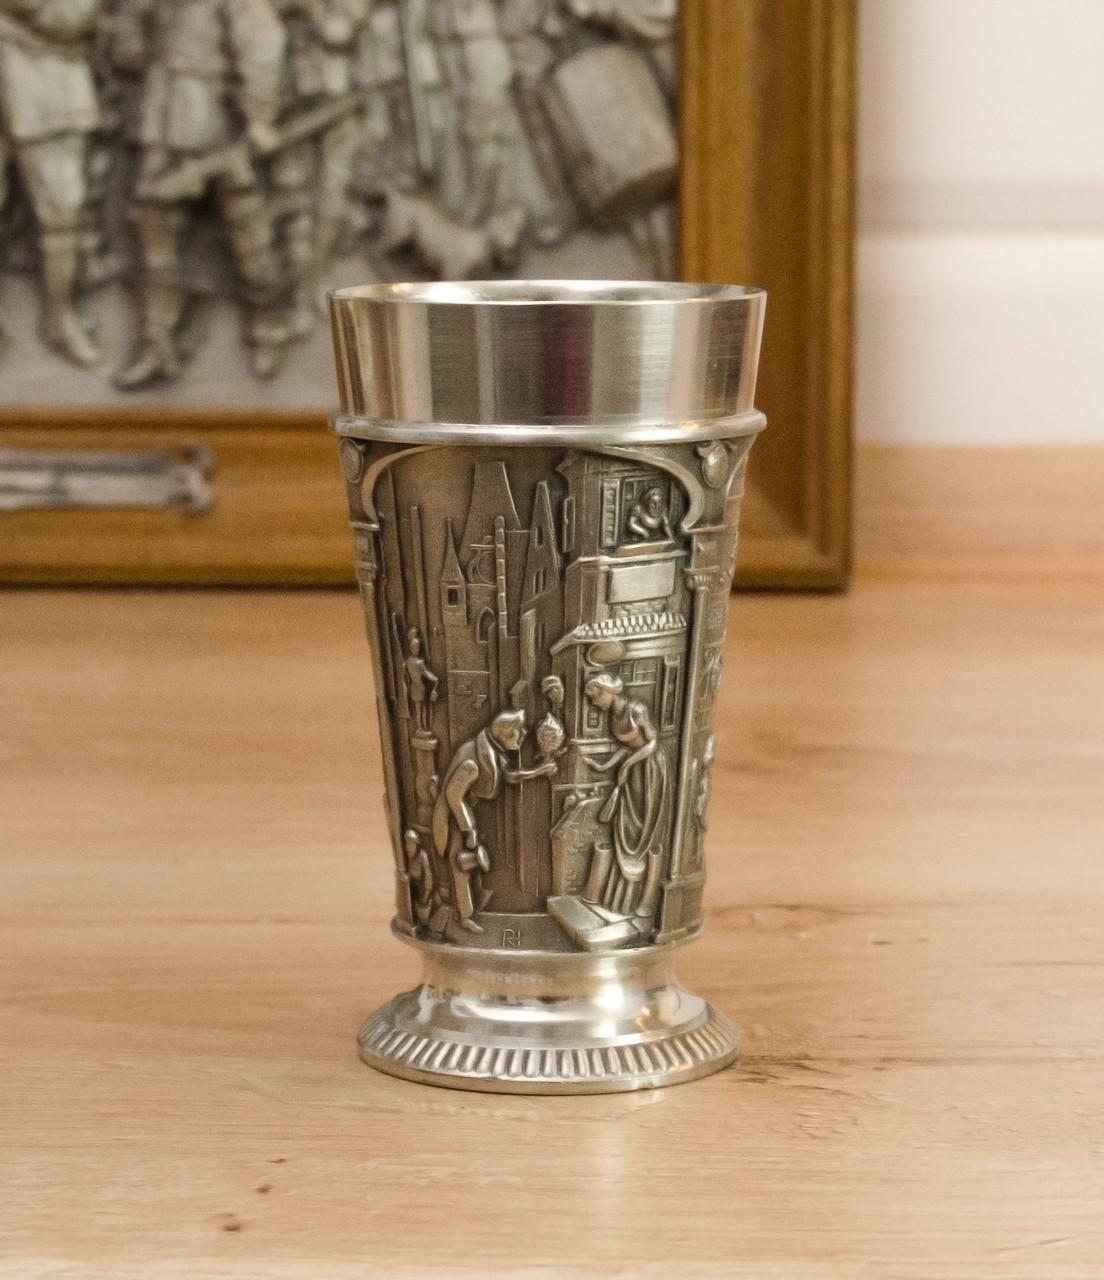 Коллекционный оловянный бокал, пищевое олово, Германия